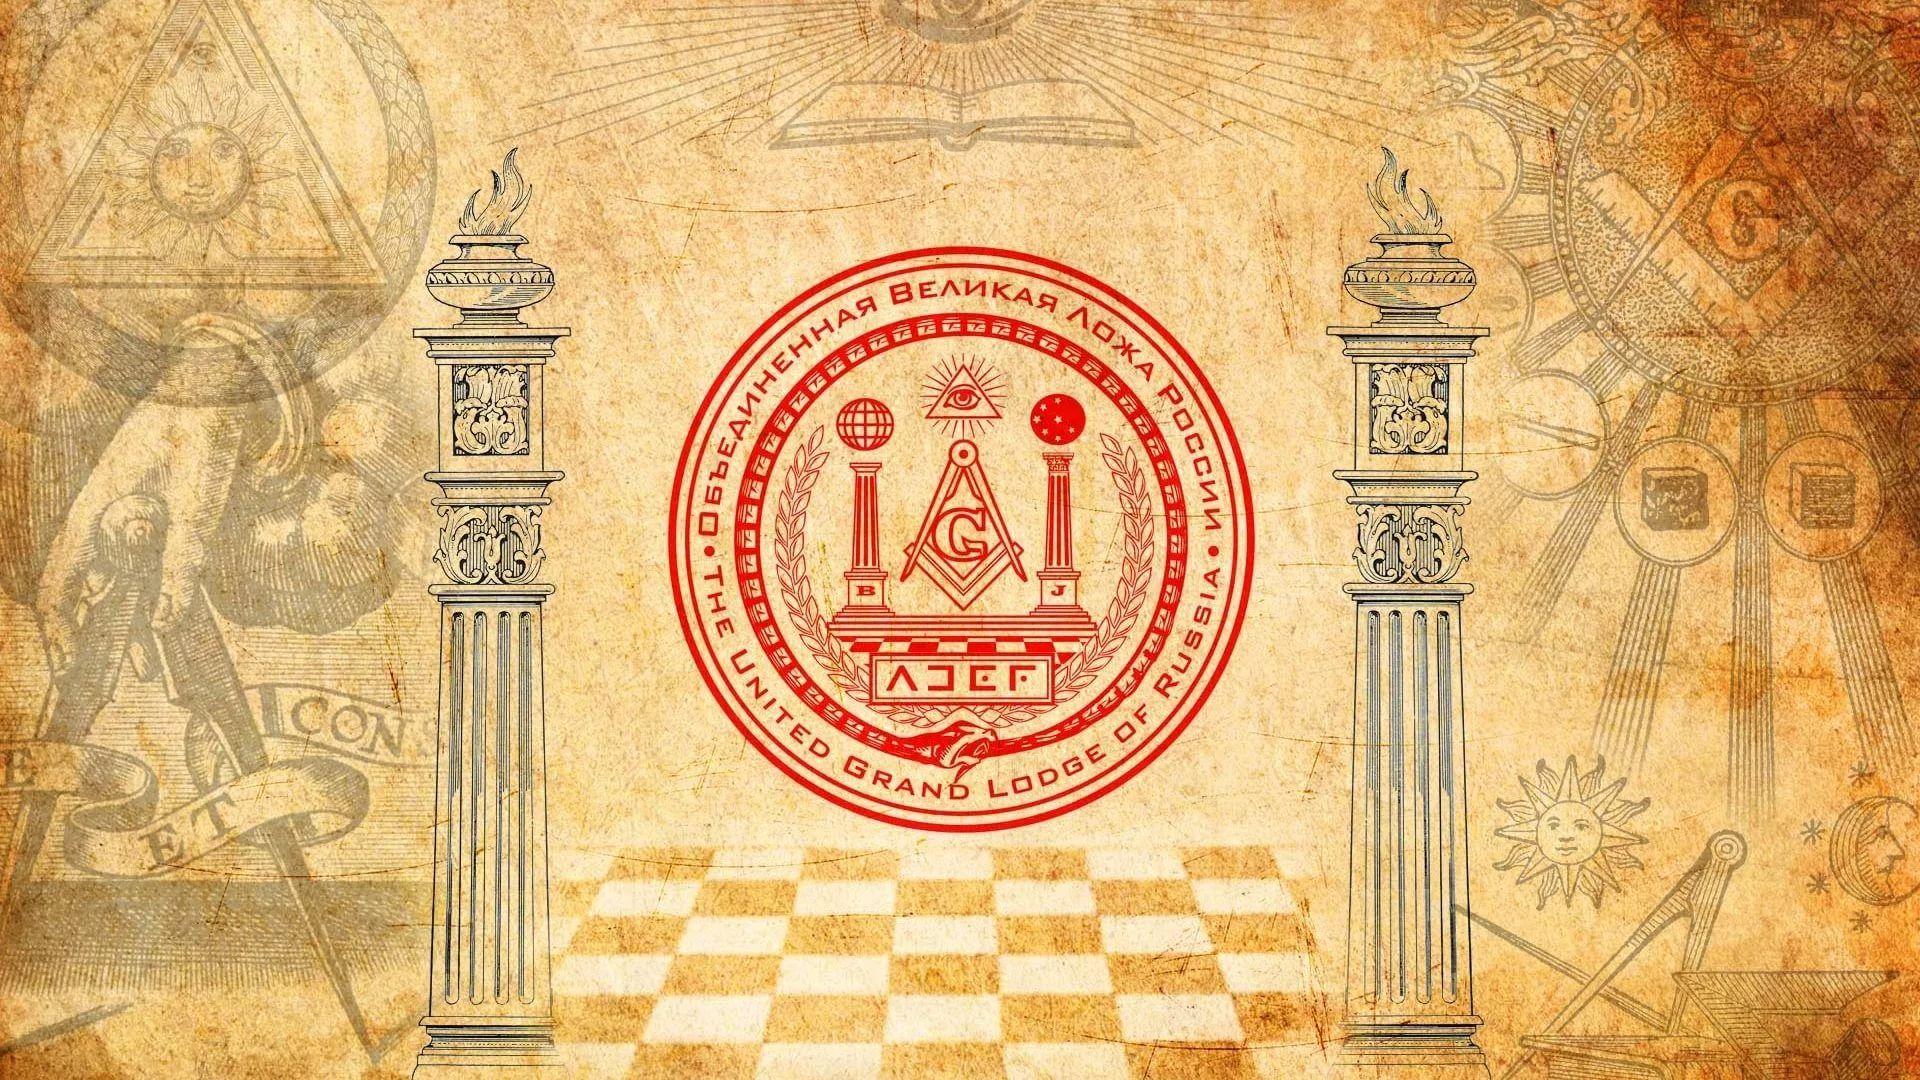 Freemason Image